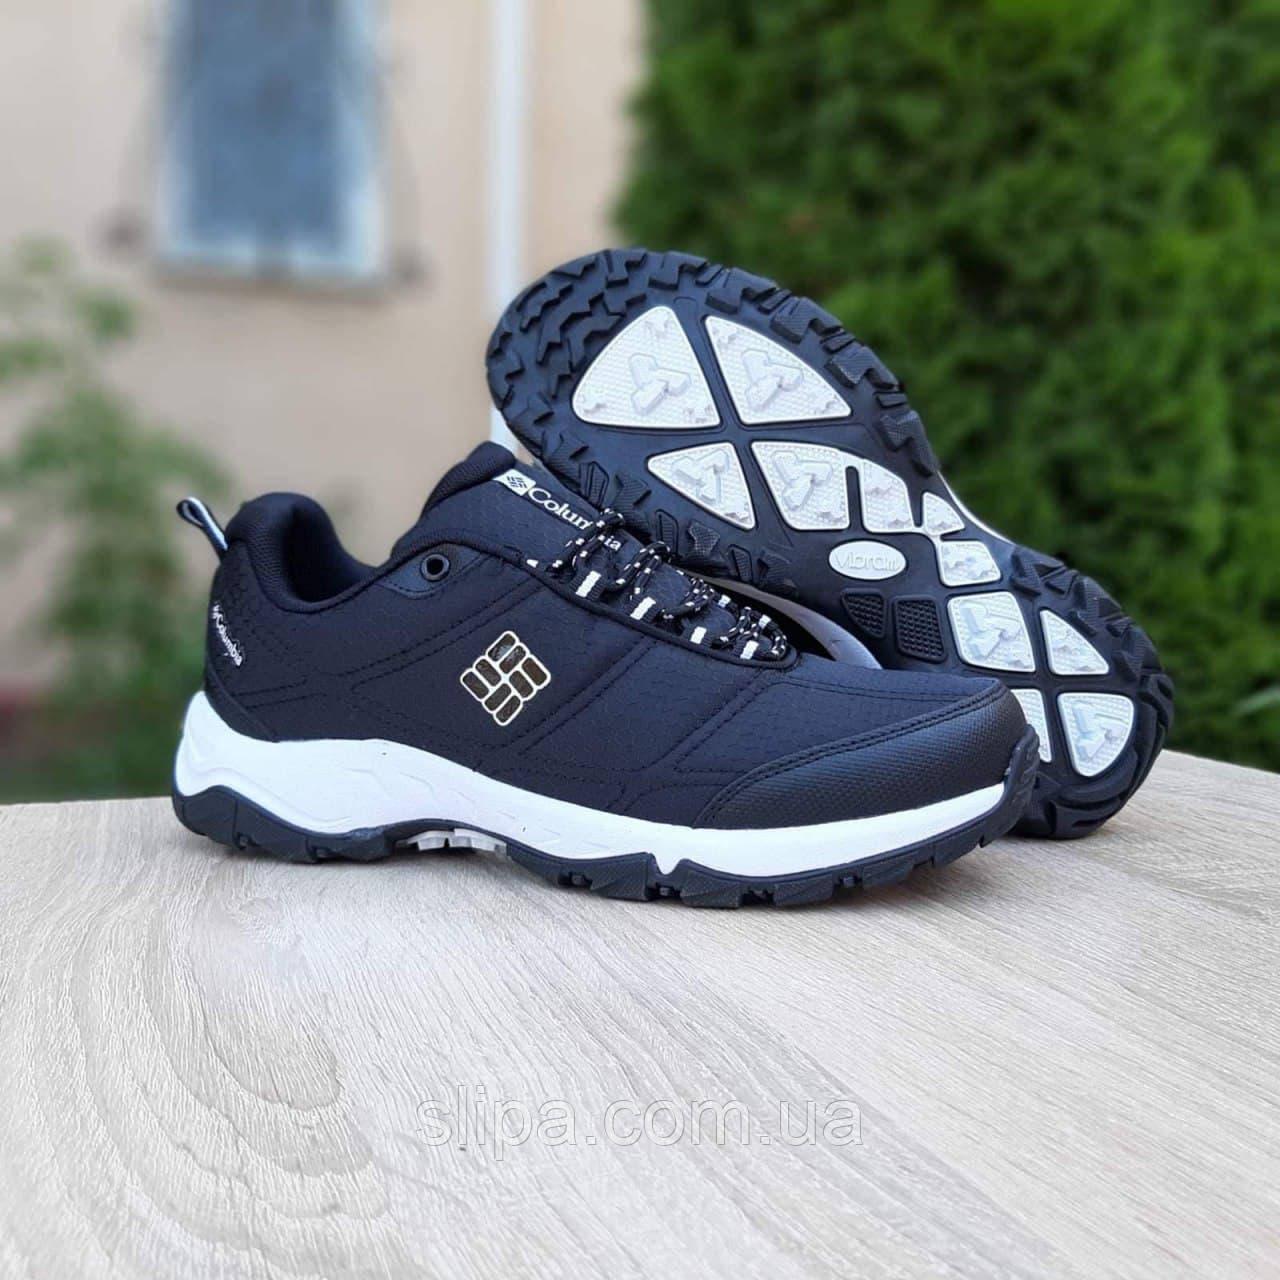 Мужские кроссовки Firecamp чёрные с белым